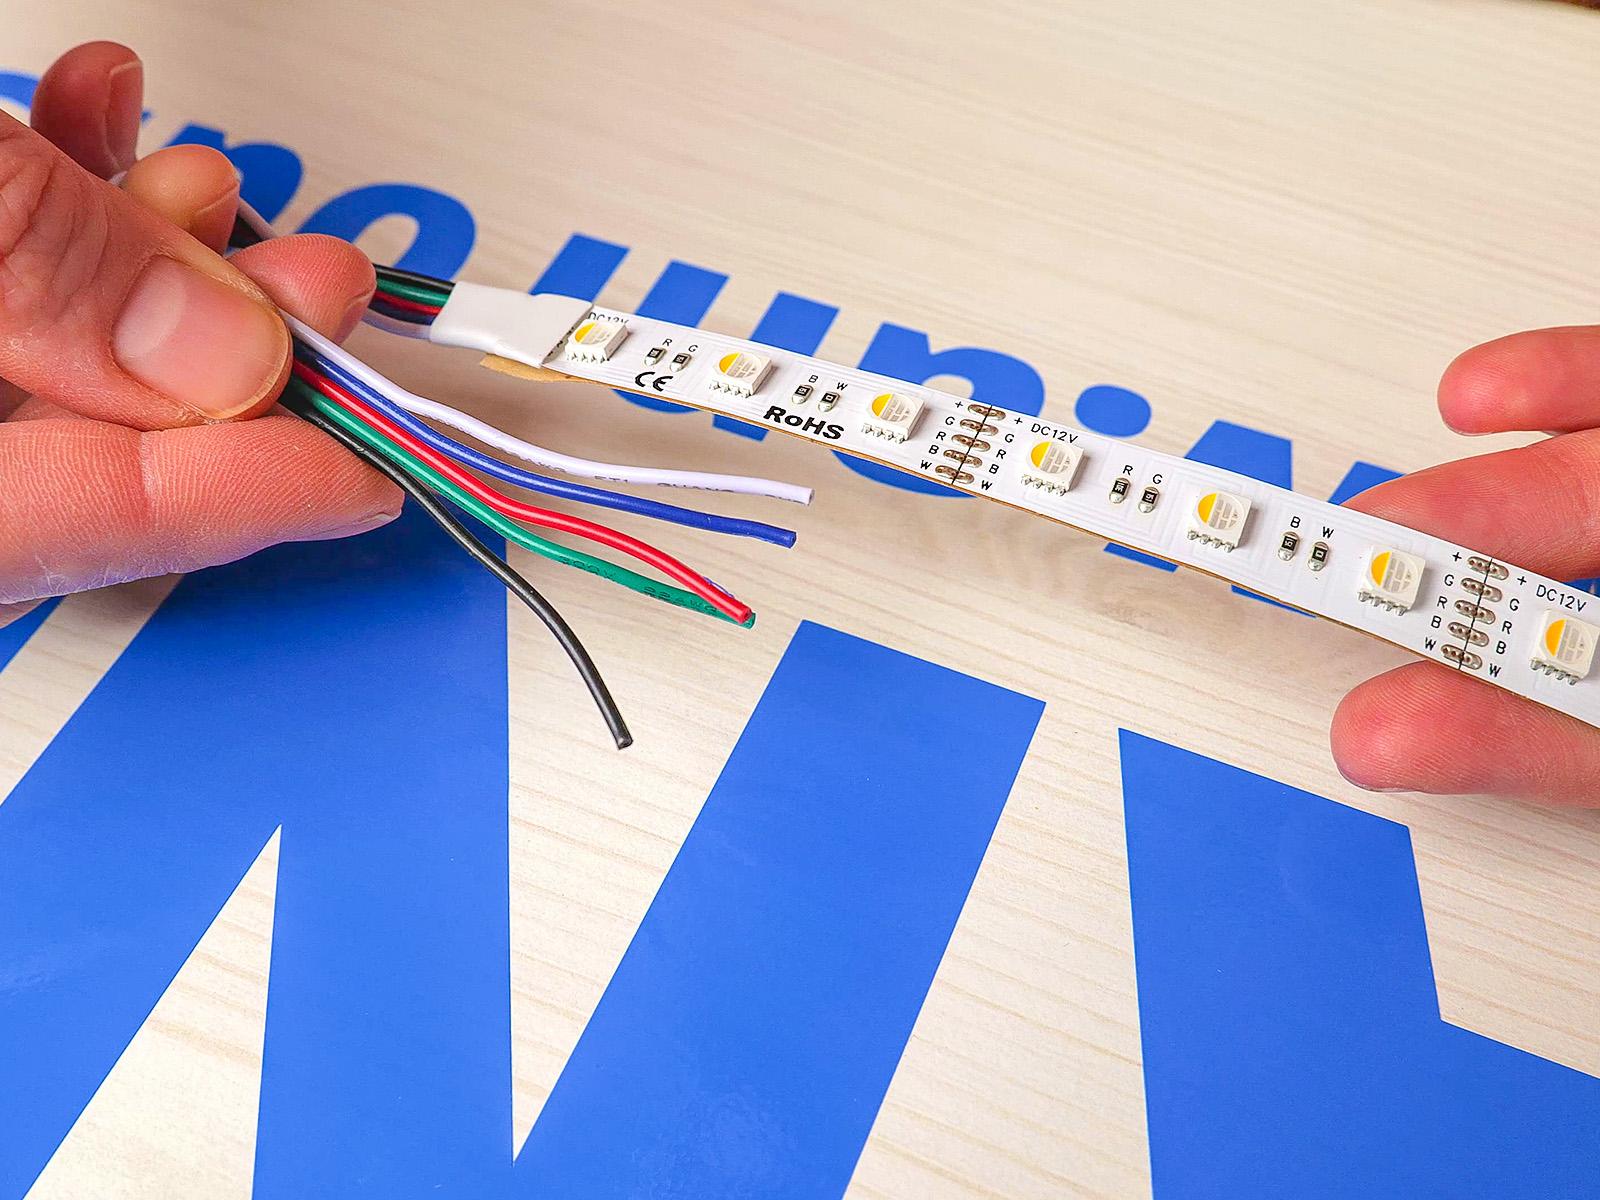 RGB szalag 4 eres bekötővezetékkel.